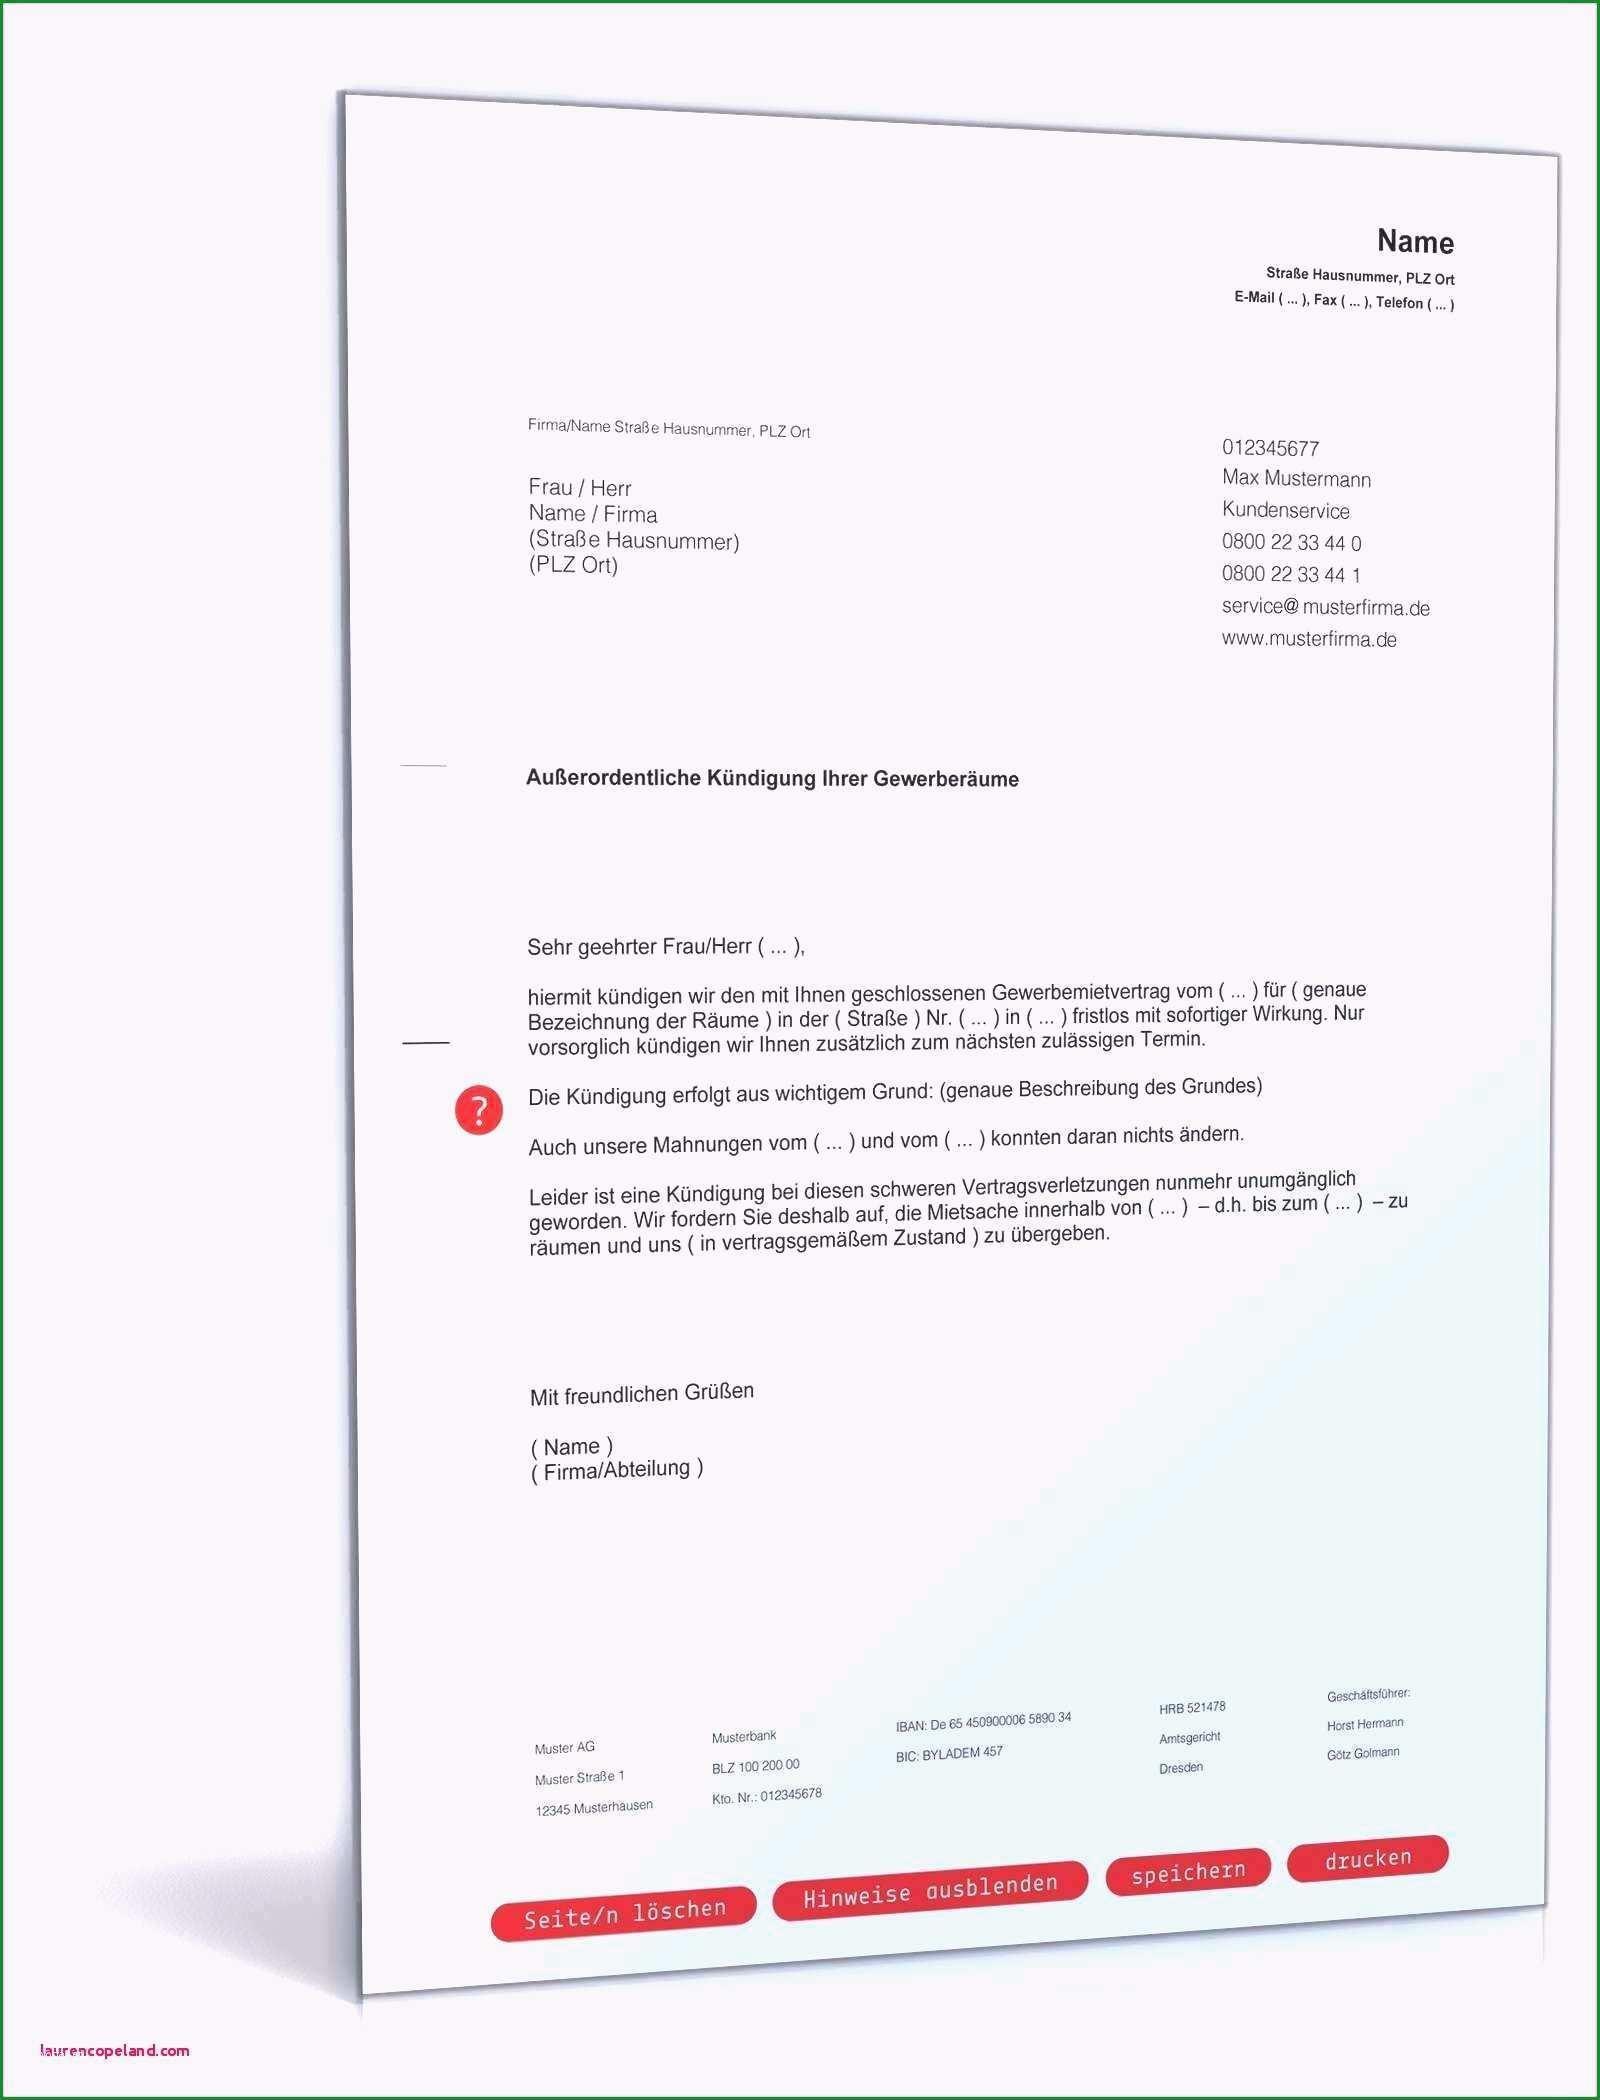 kundigung mobilfunkvertrag rufnummernmitnahme vorlage mobil debitel kundigung rufnummernmitnahme vorlage muster 2